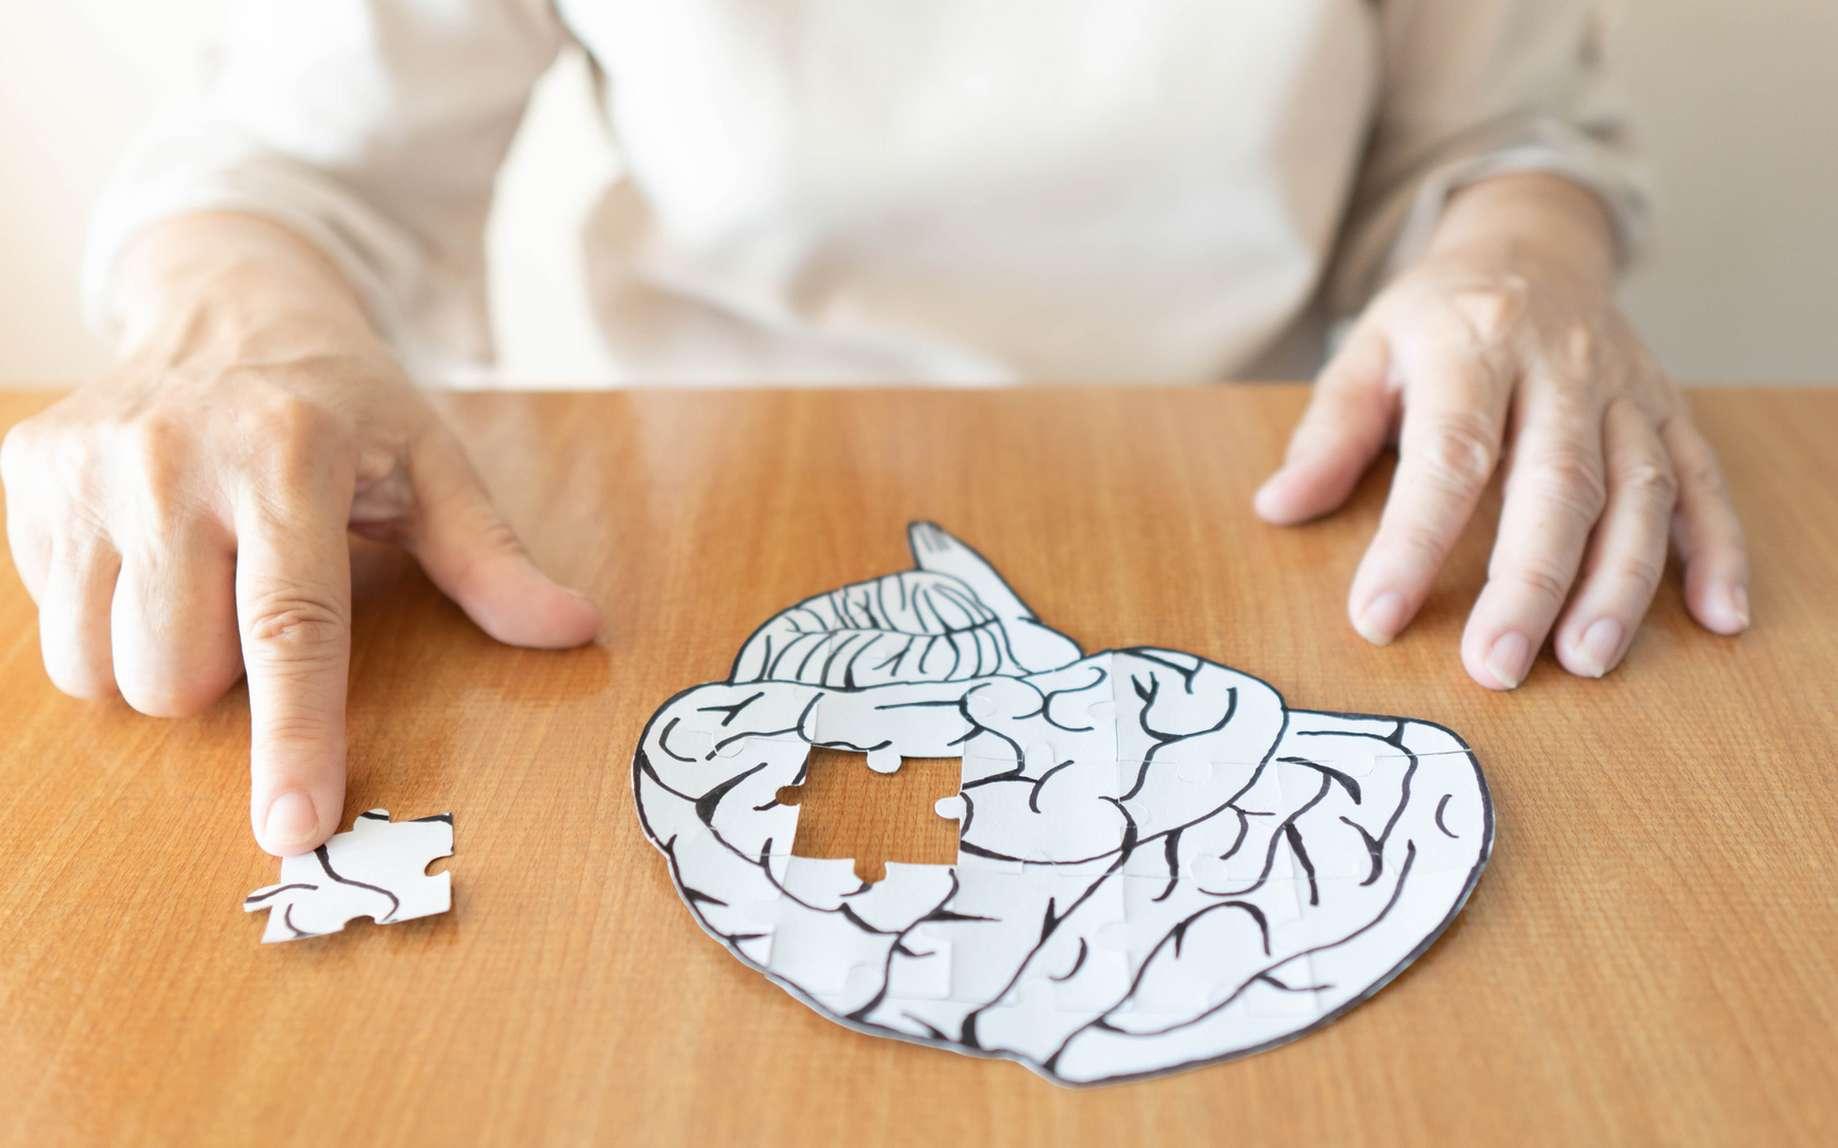 La maladie d'Alzheimer est une forme de démence qui pourrait toucher jusqu'à 152 millions de personnes selon l'OMS. © Orawan, Fotolia